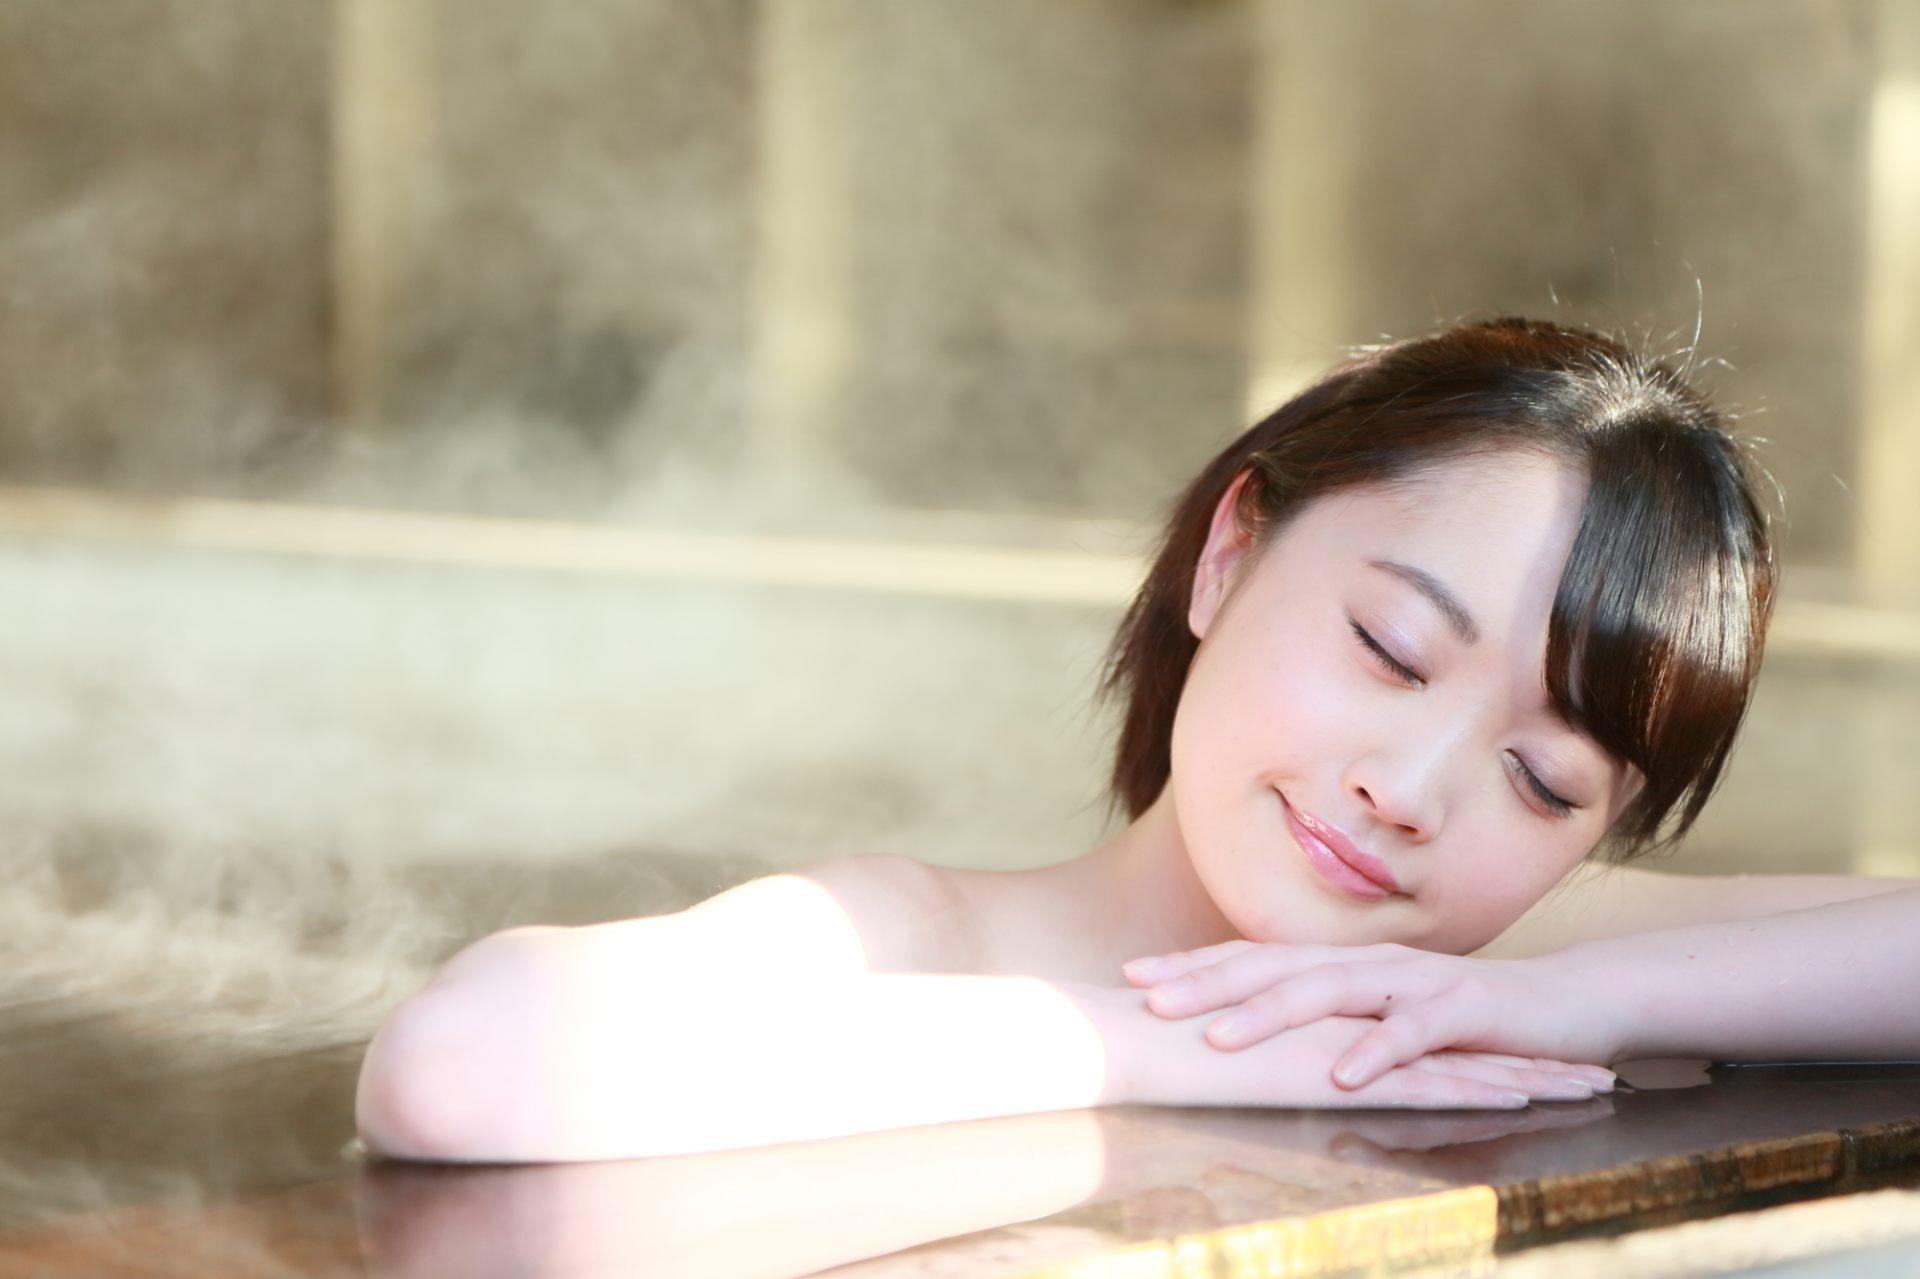 泡溫泉讓身心放鬆